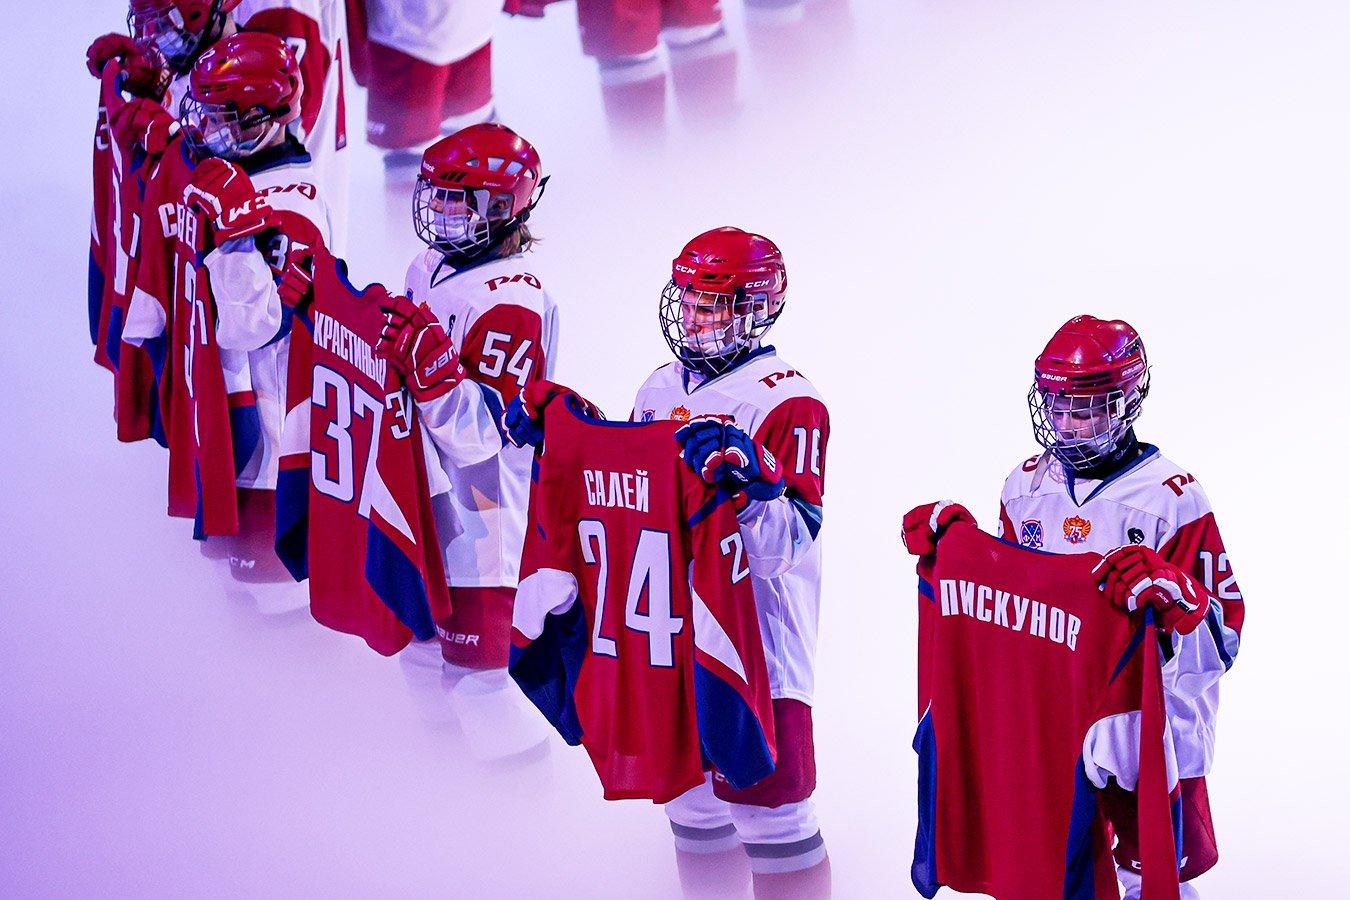 Ярославль скорбил по «Локо», игрок «Динамо» почтил память после гола. Фото с матча